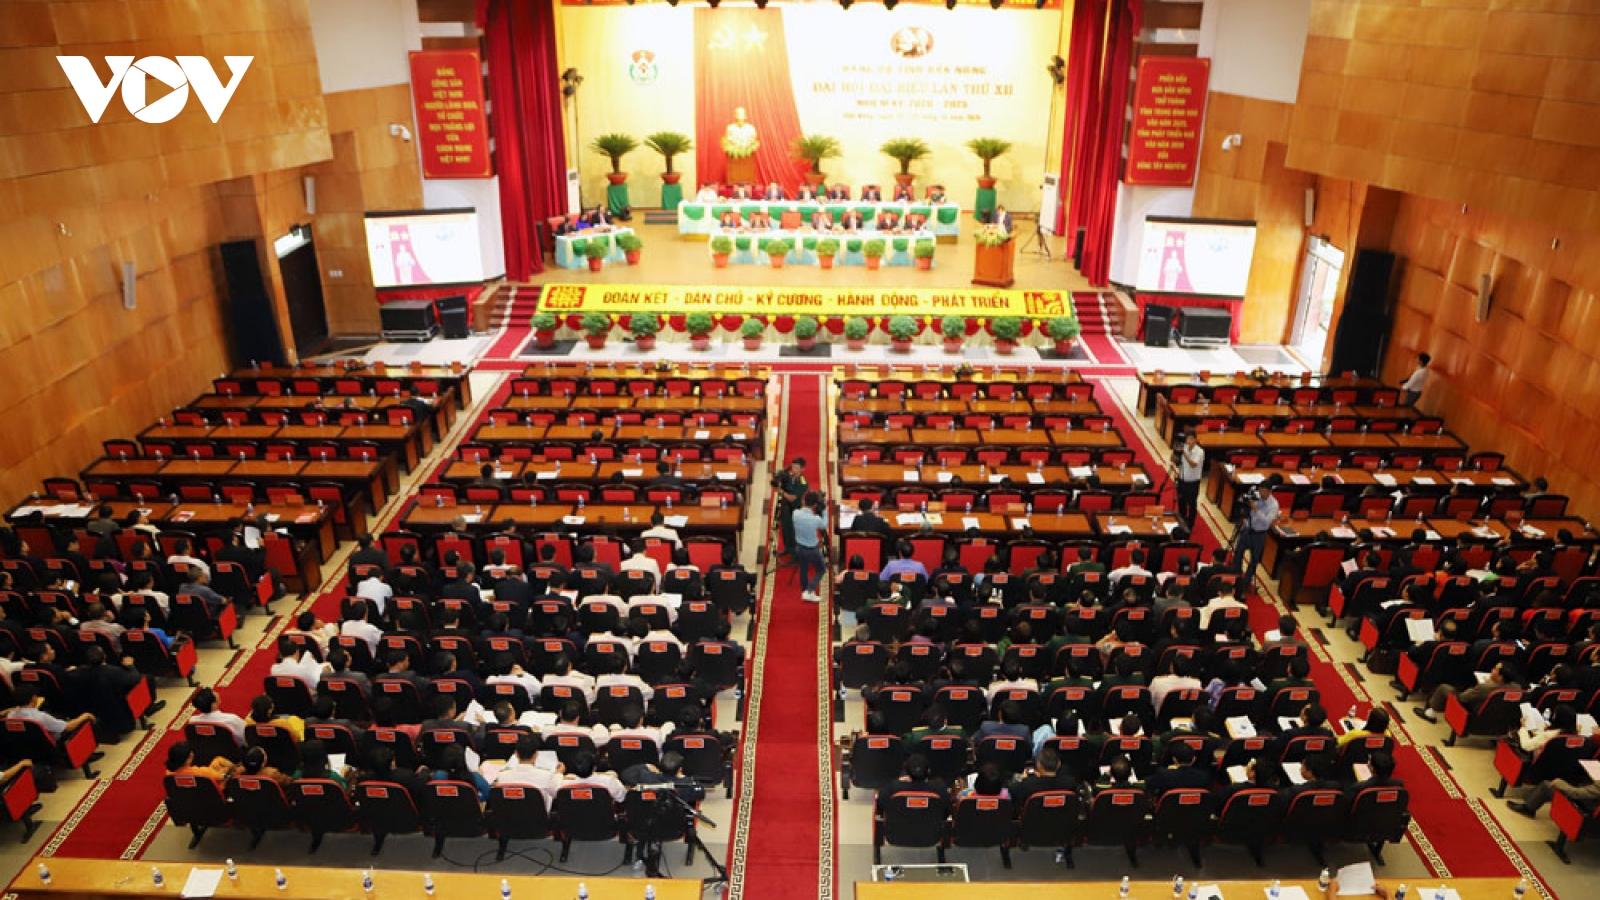 Ông Nguyễn Văn Bình dự và chỉ đạo Đại hội Đảng bộ tỉnh Đắk Nông